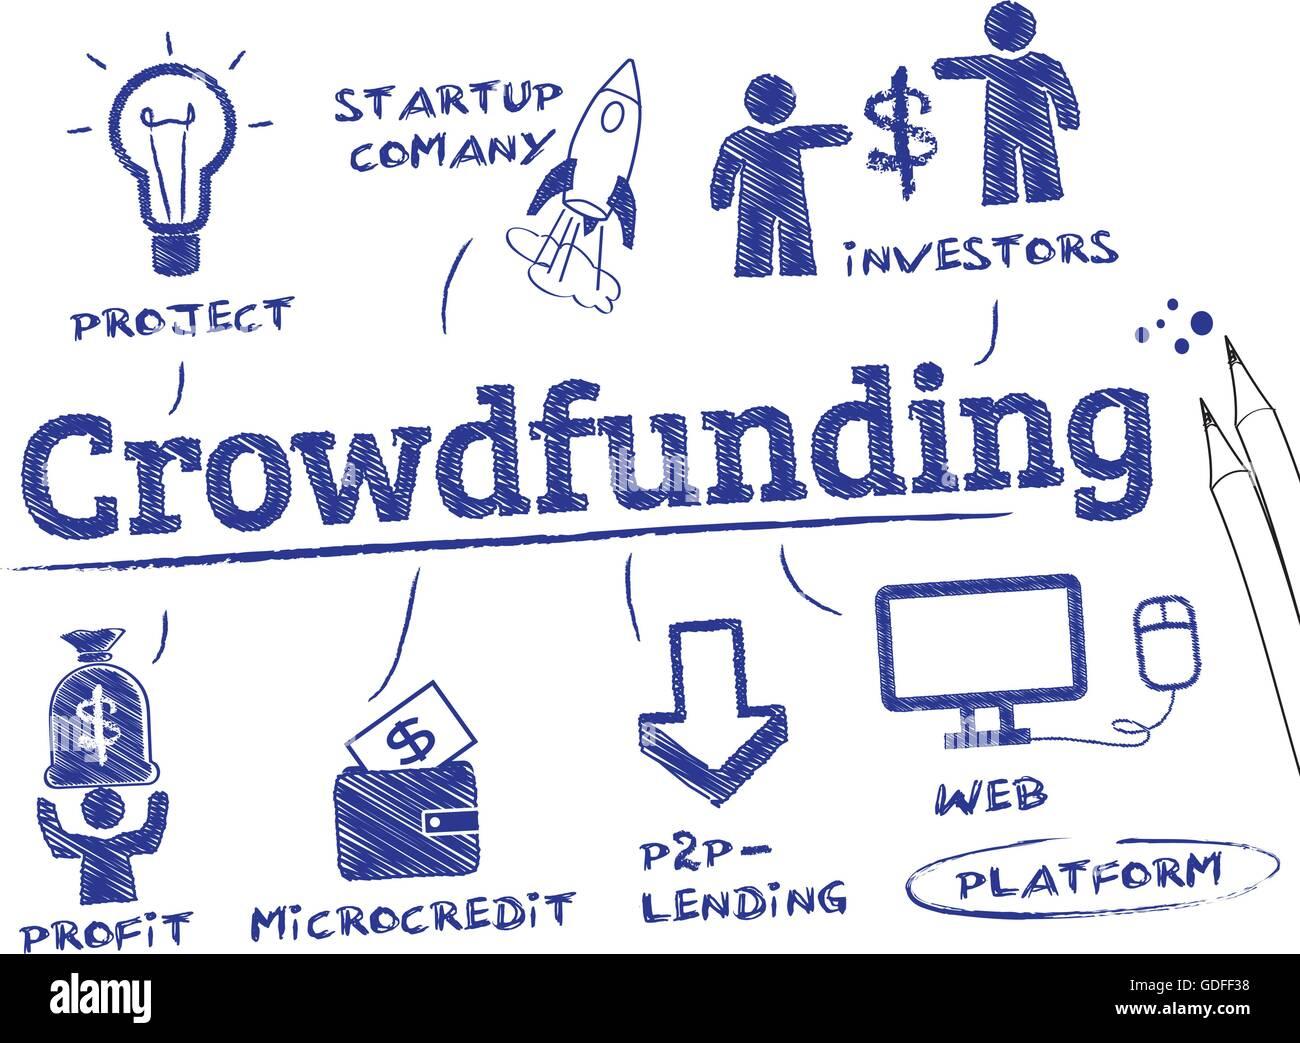 Gli investitori - concetto crowdfunding. Grafico con le parole chiave e le icone Immagini Stock